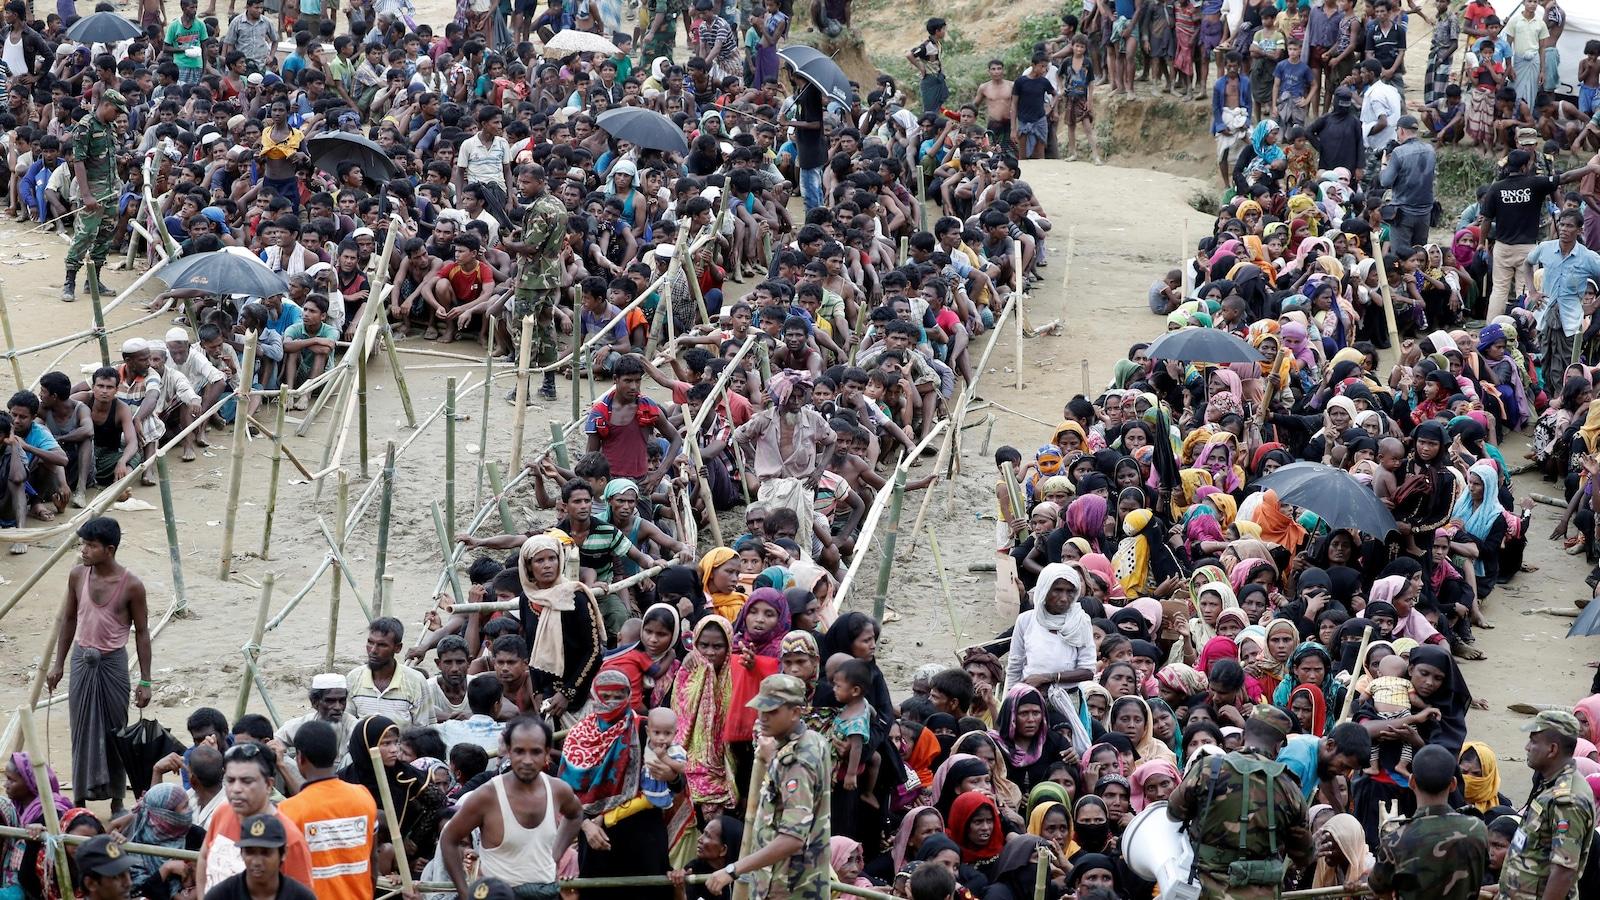 Des réfugiés rohingyas attendent de l'aide à Cox's Bazar au Bangladesh.